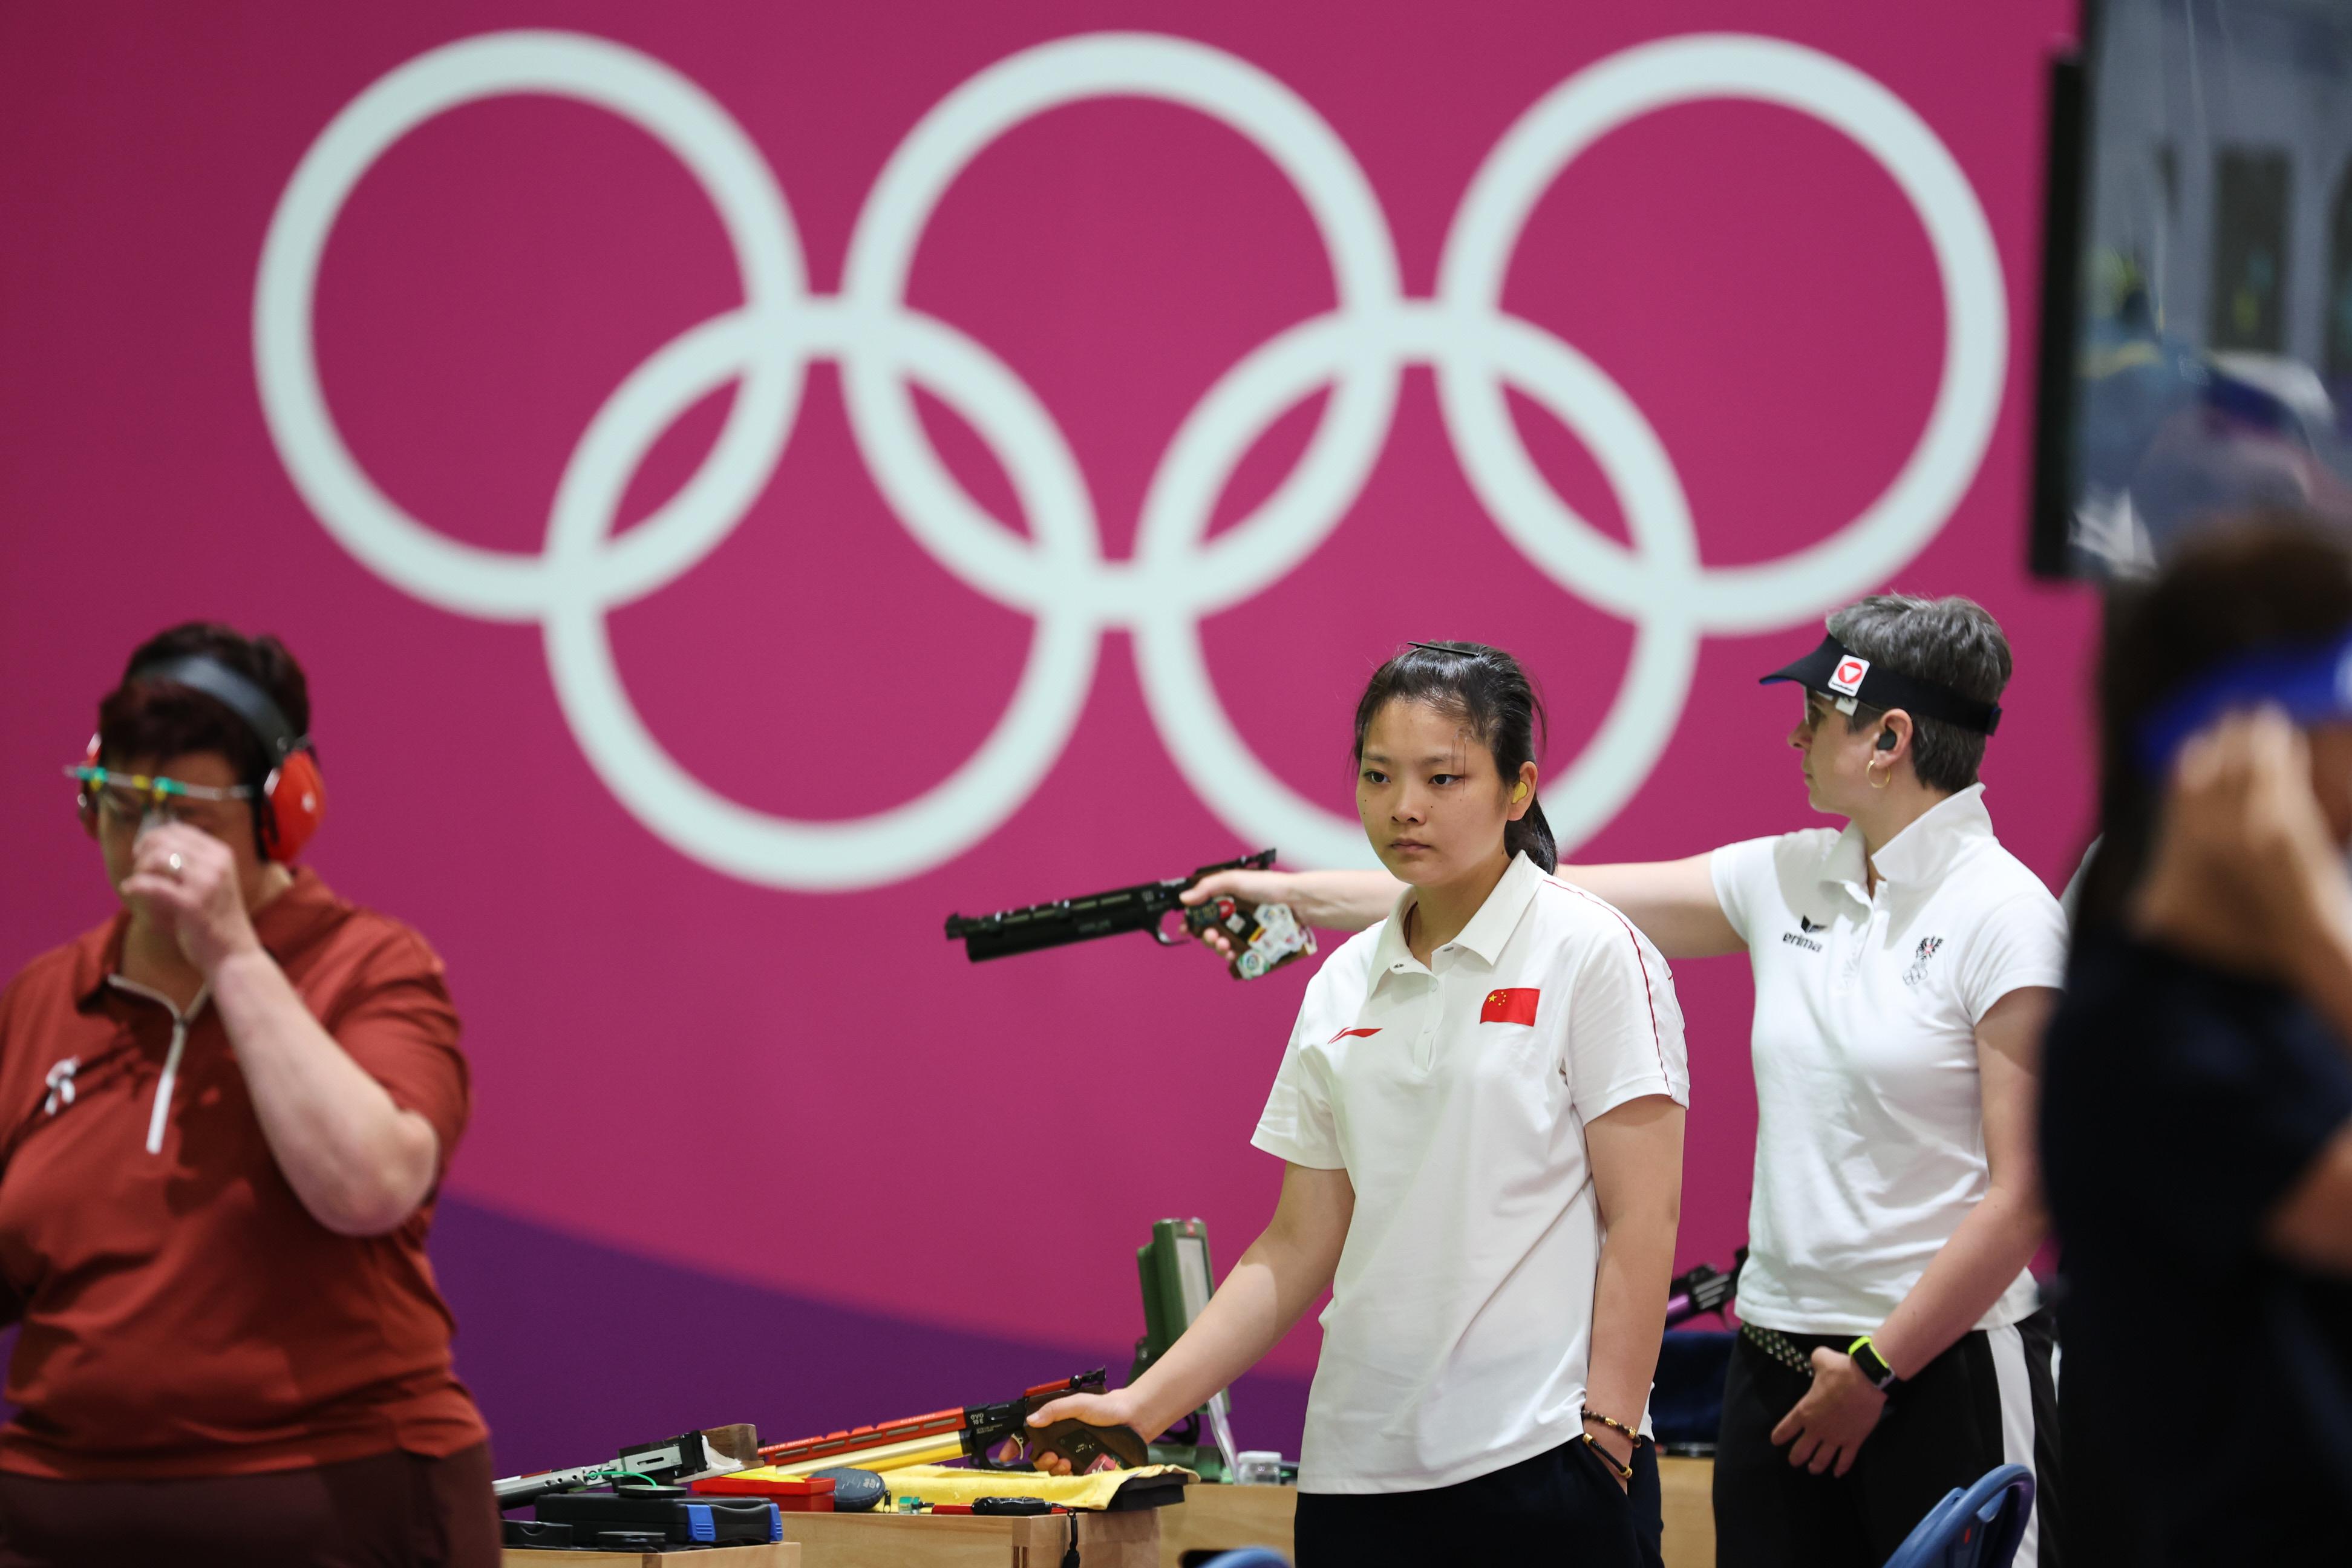 姜冉馨在东京奥运赛场。